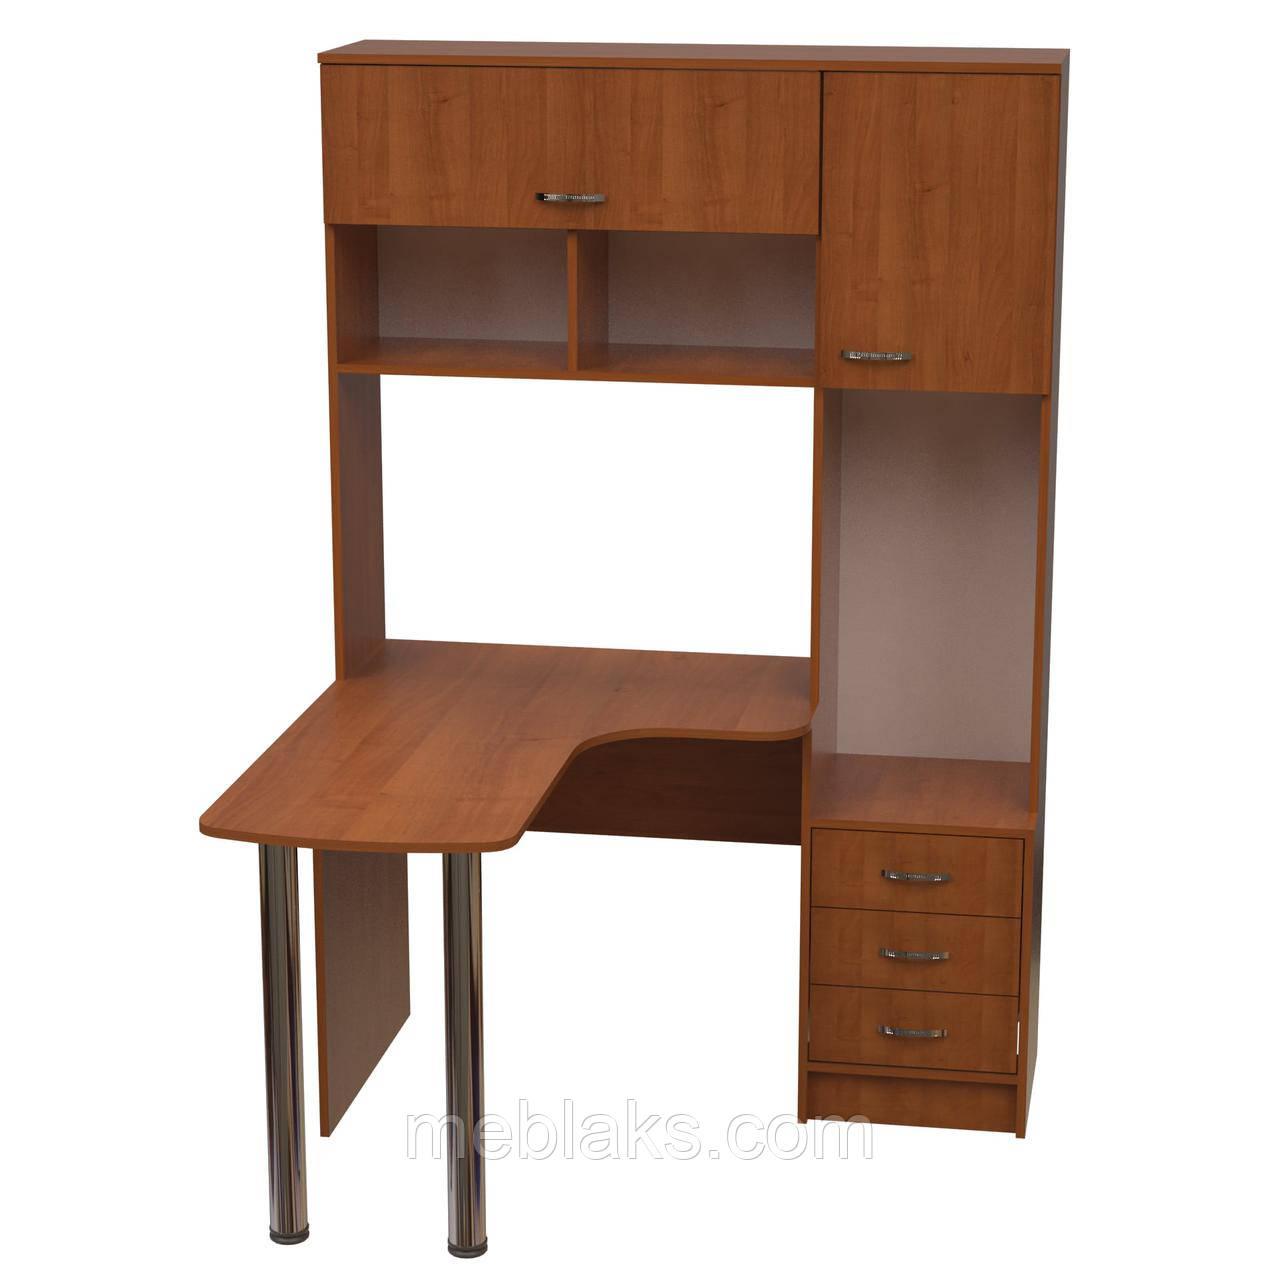 Компьютерный стол НСК 49